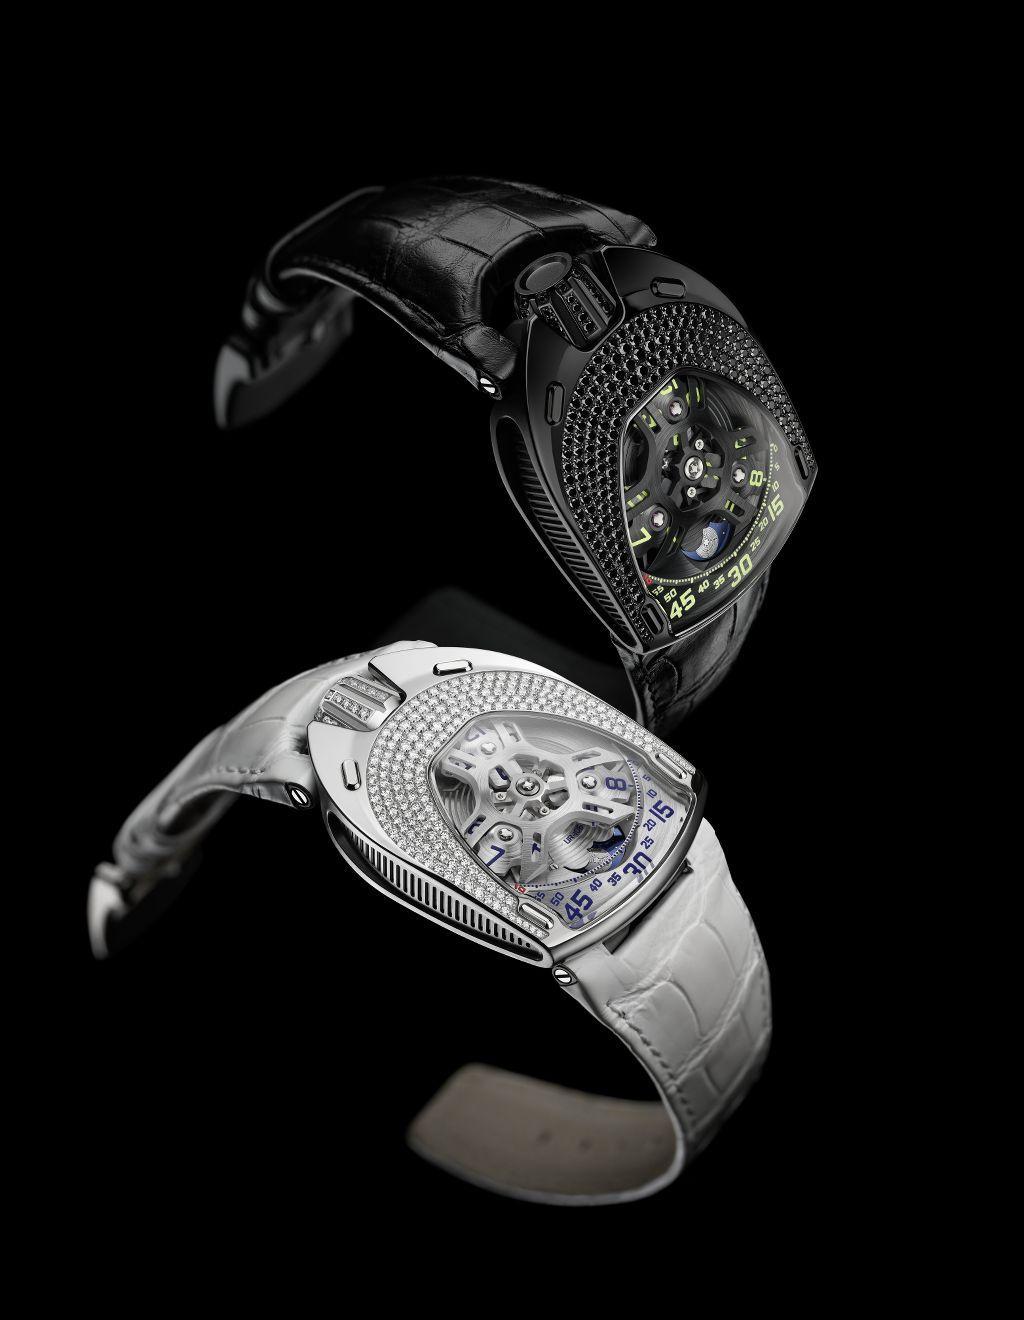 9e330a9ef92d Urwerk presenta UR-106 Lotus Il primo orologio donna del brand ...